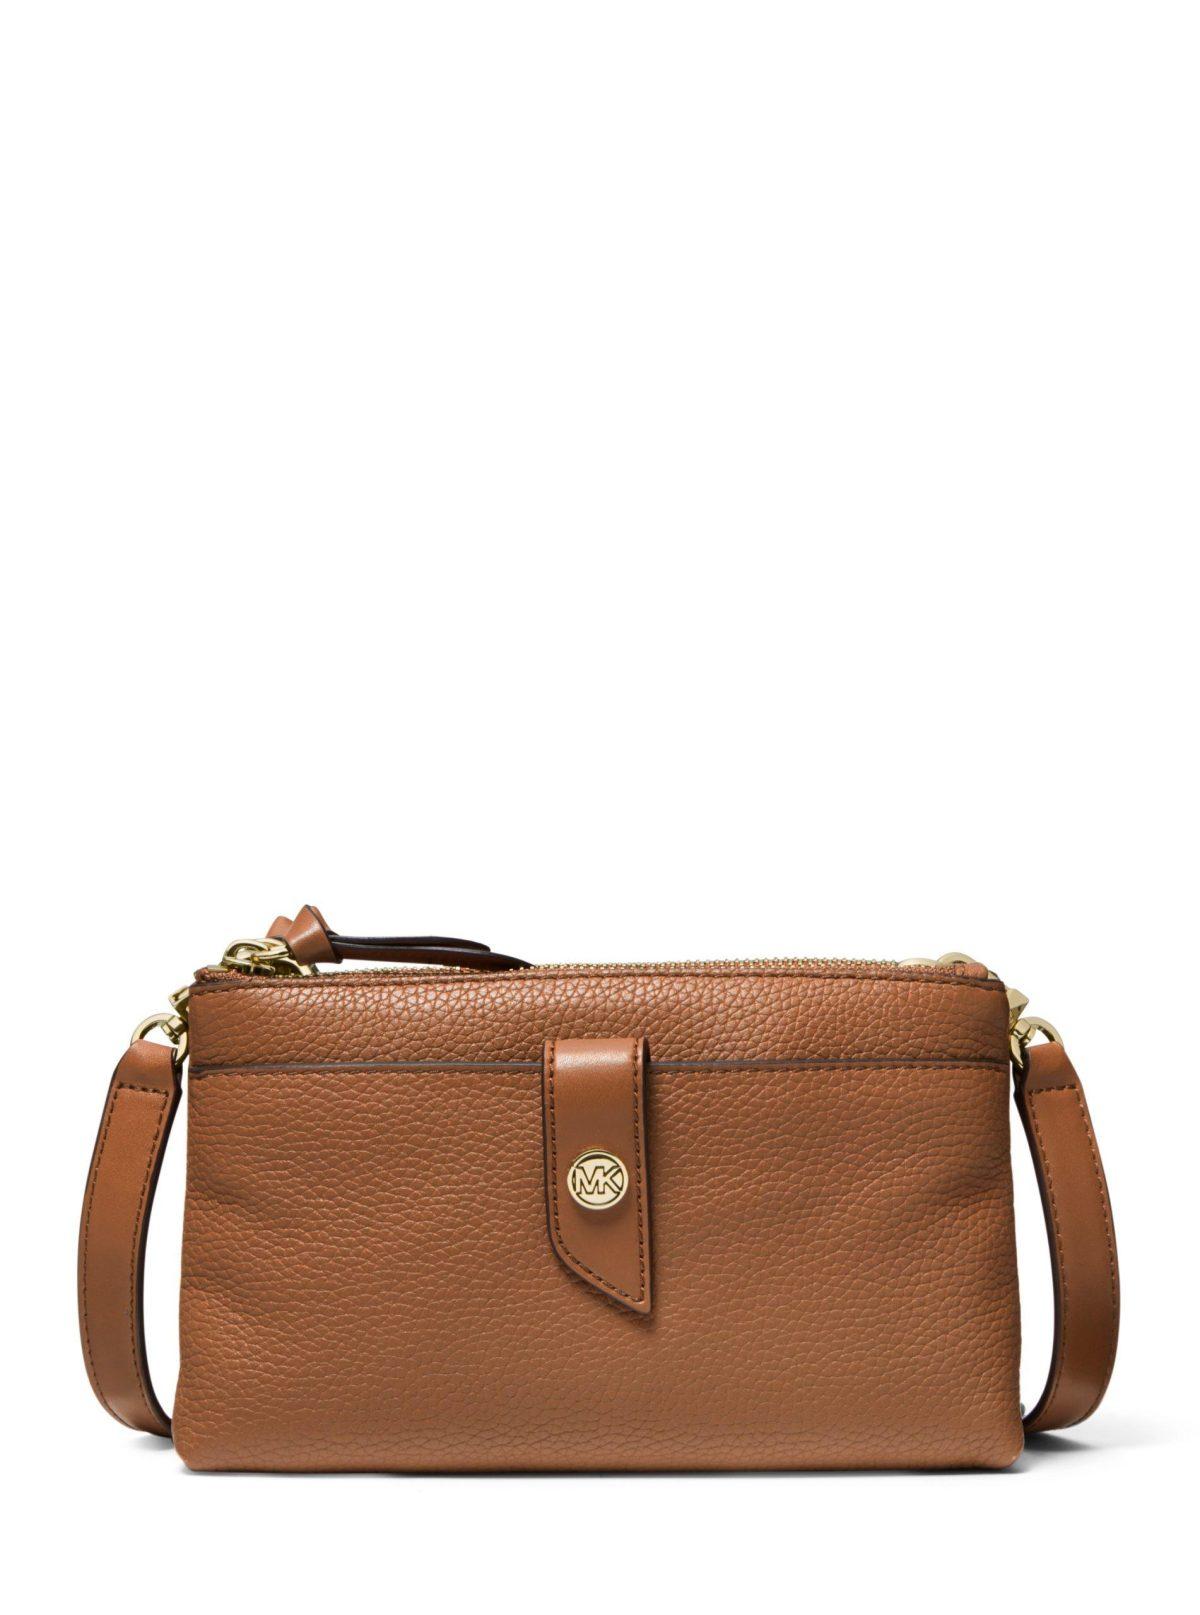 MD Tab Dzp Phn Xbody Luggage